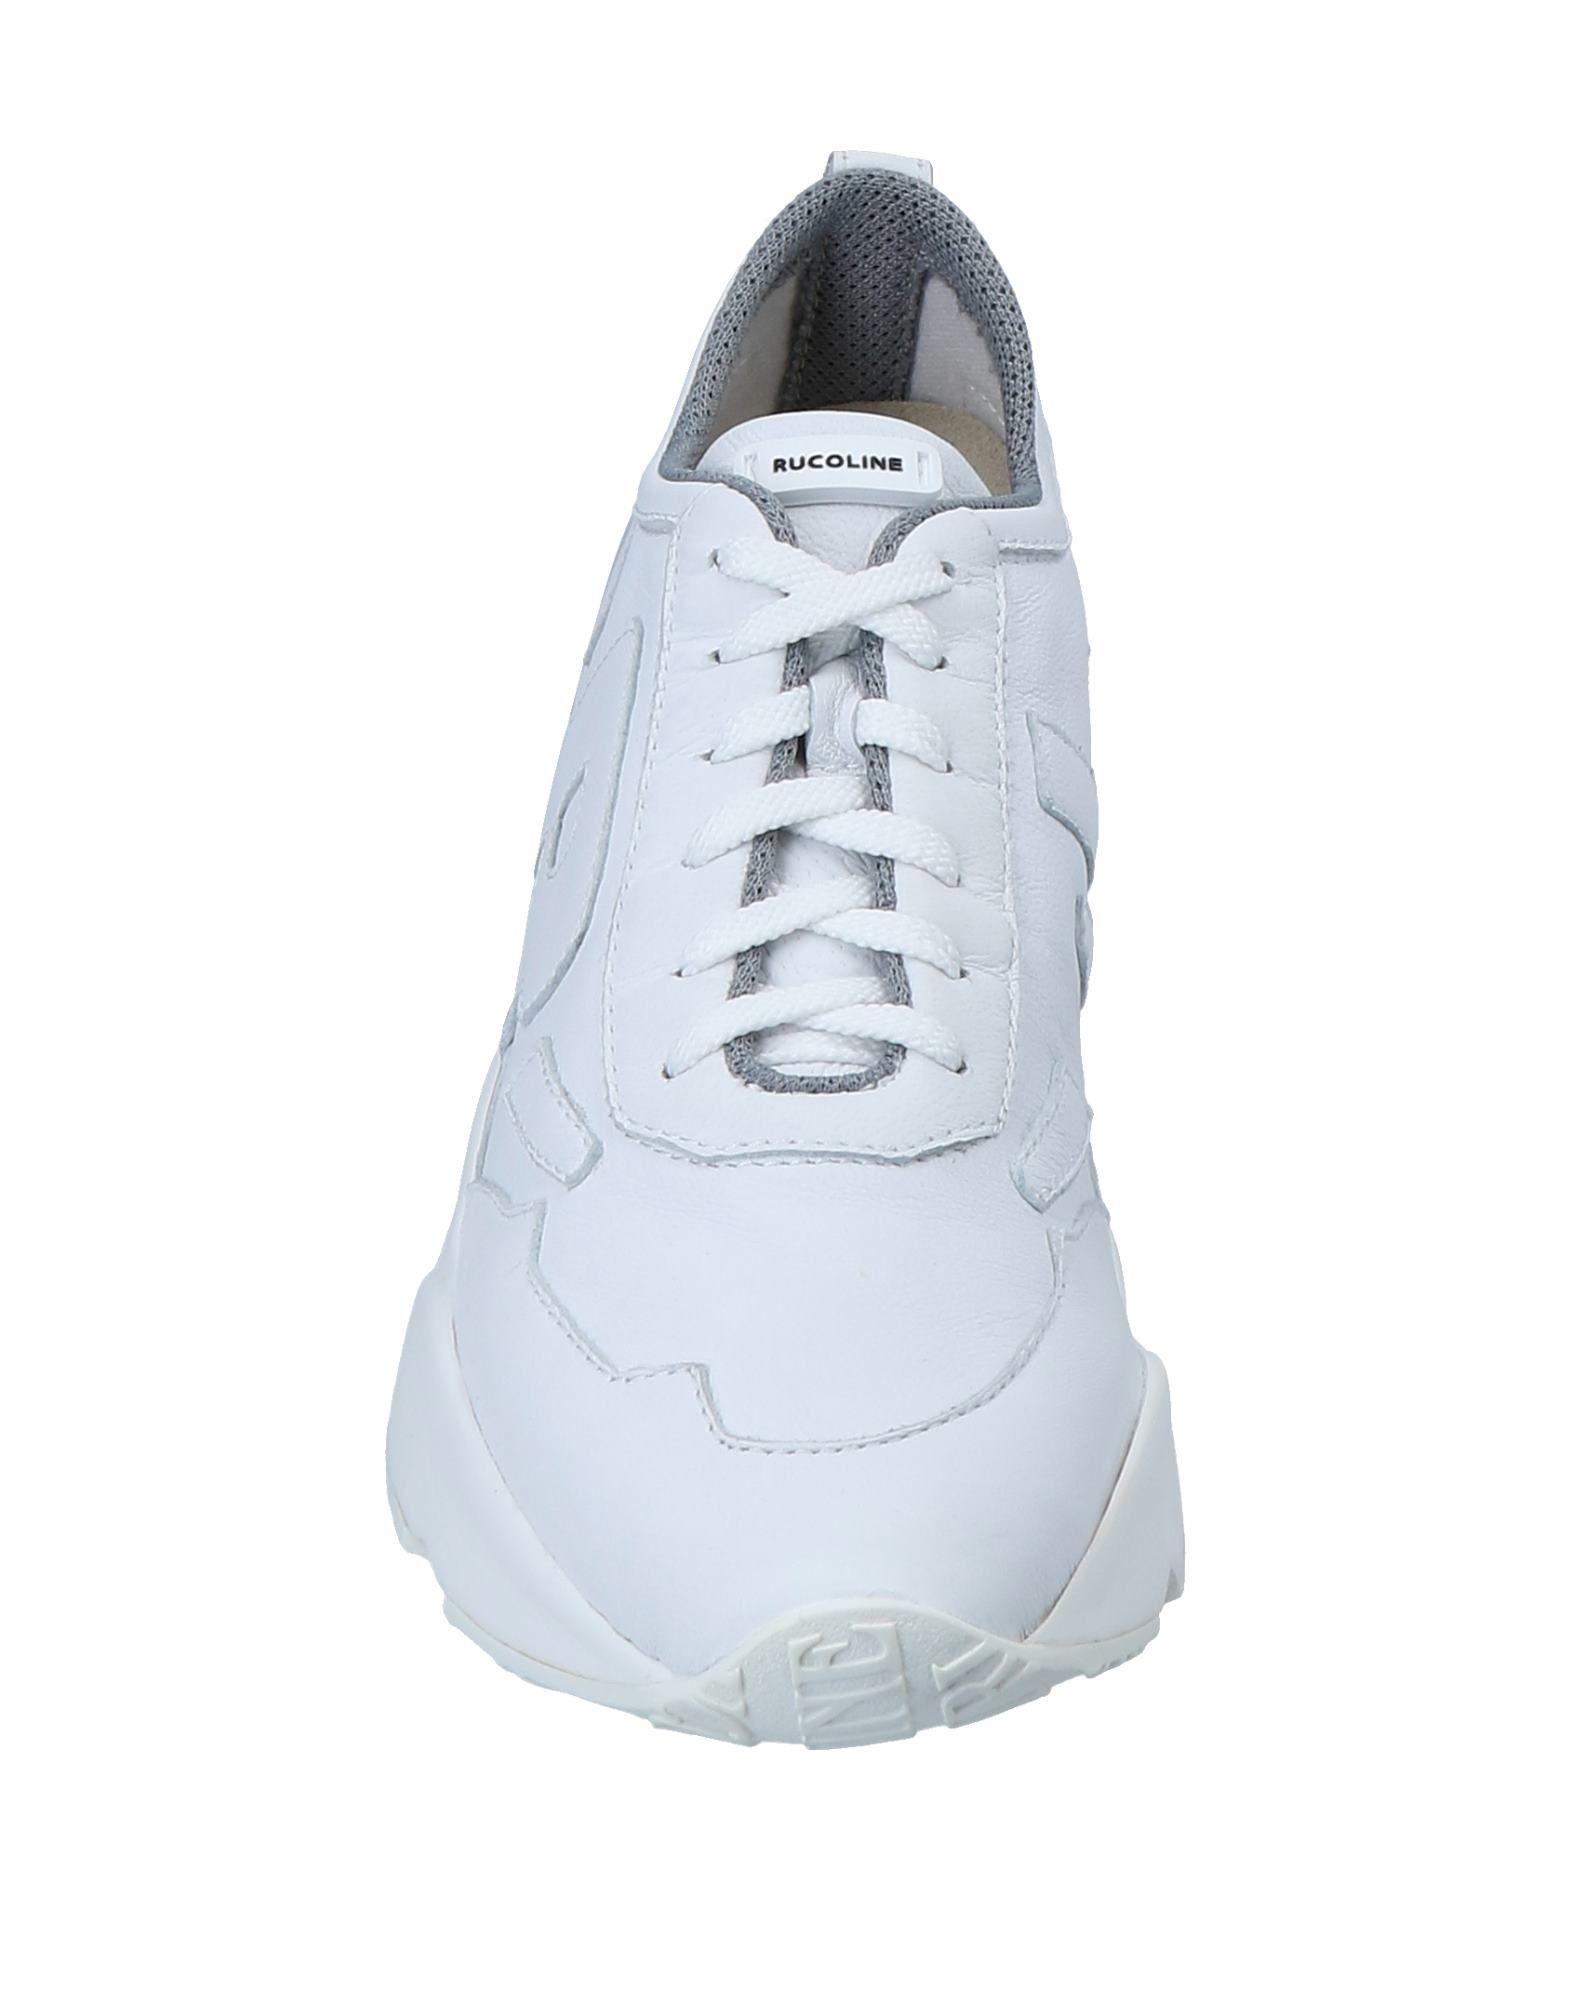 Gut um billige Schuhe zu  tragenRuco Line Sneakers Damen  zu 11492210UH 9777ec